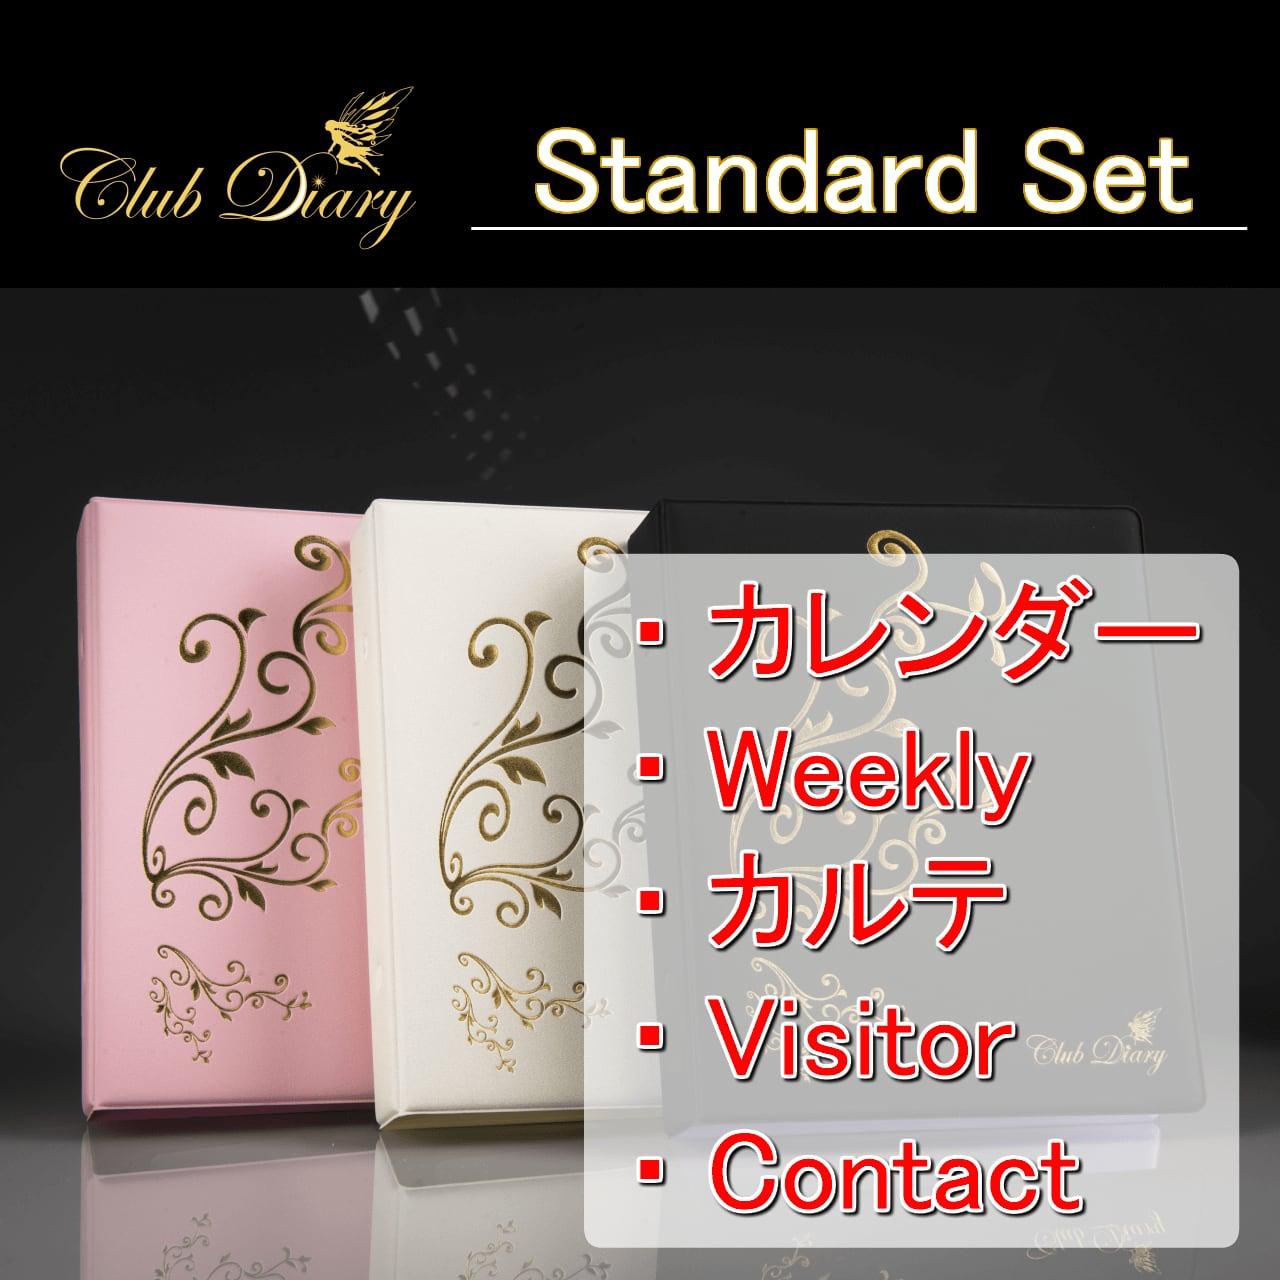 【スタンダードSET】Club Diary / キャバ嬢 ホステス手帳 クラブダイアリー